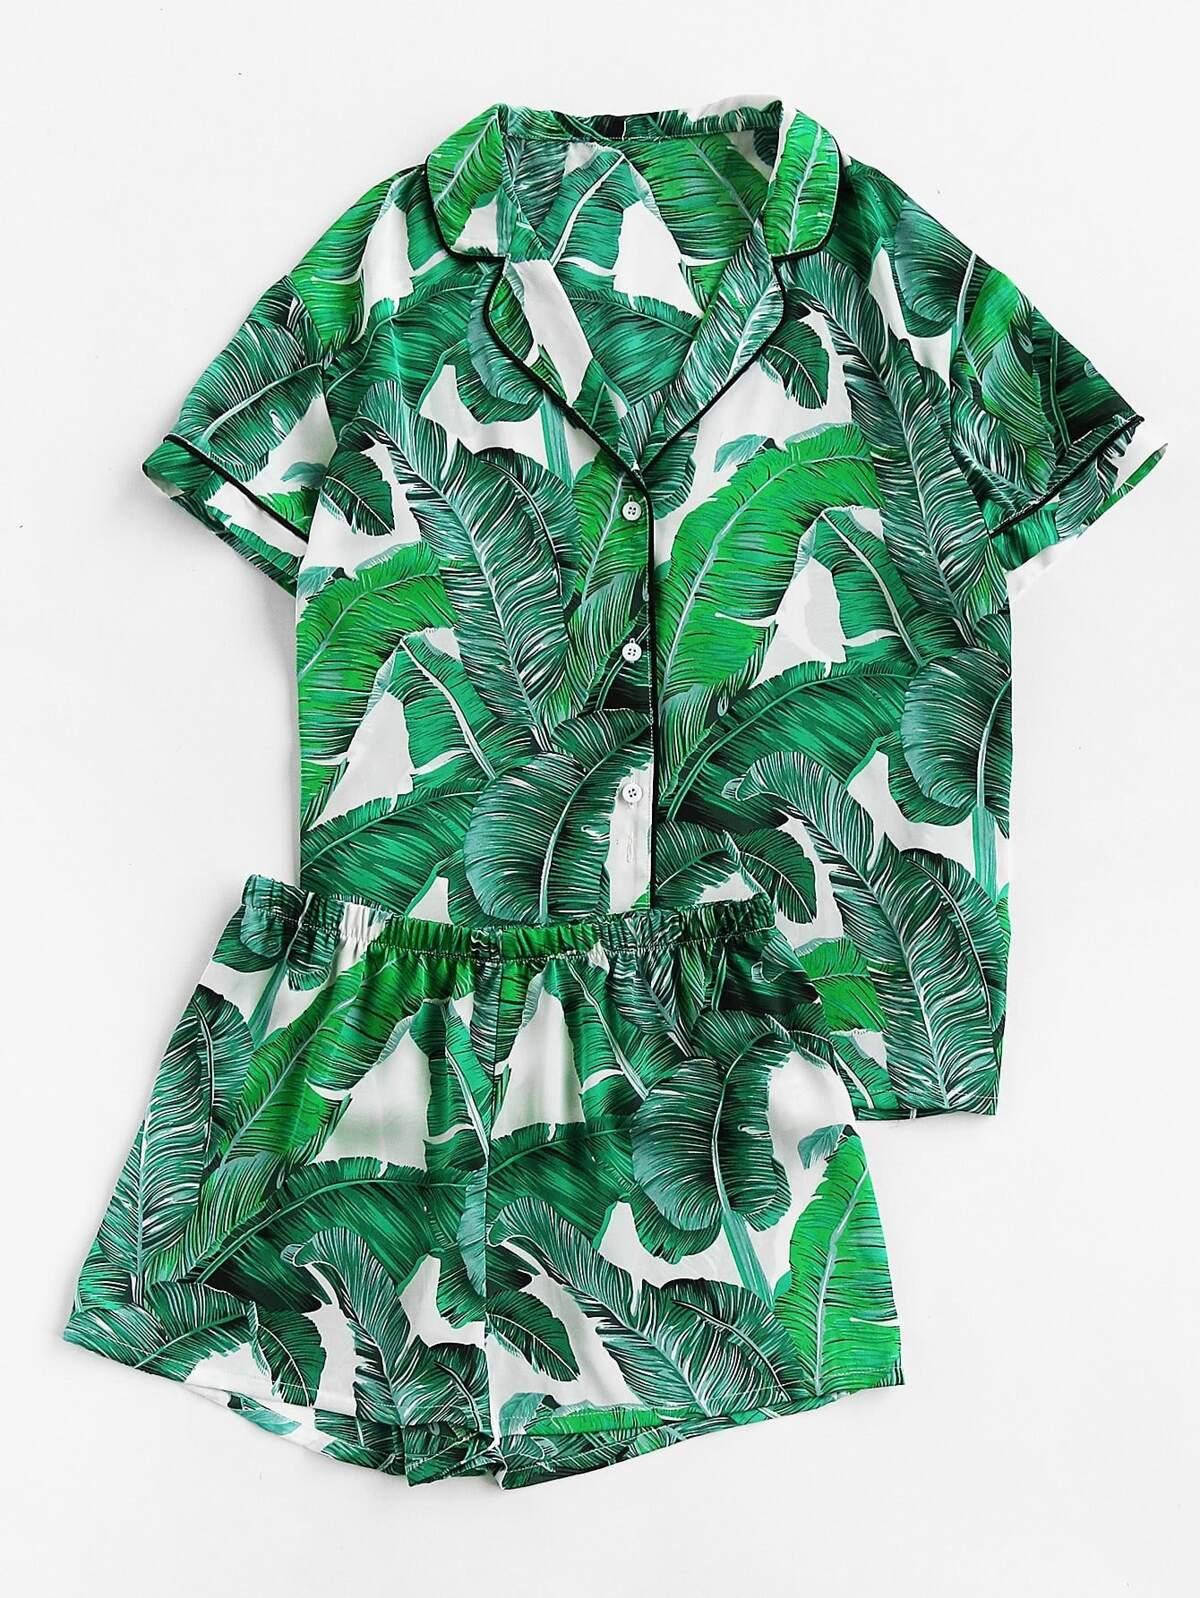 棕櫚樹 葉狀 圖片 翻領 睡衣褲組